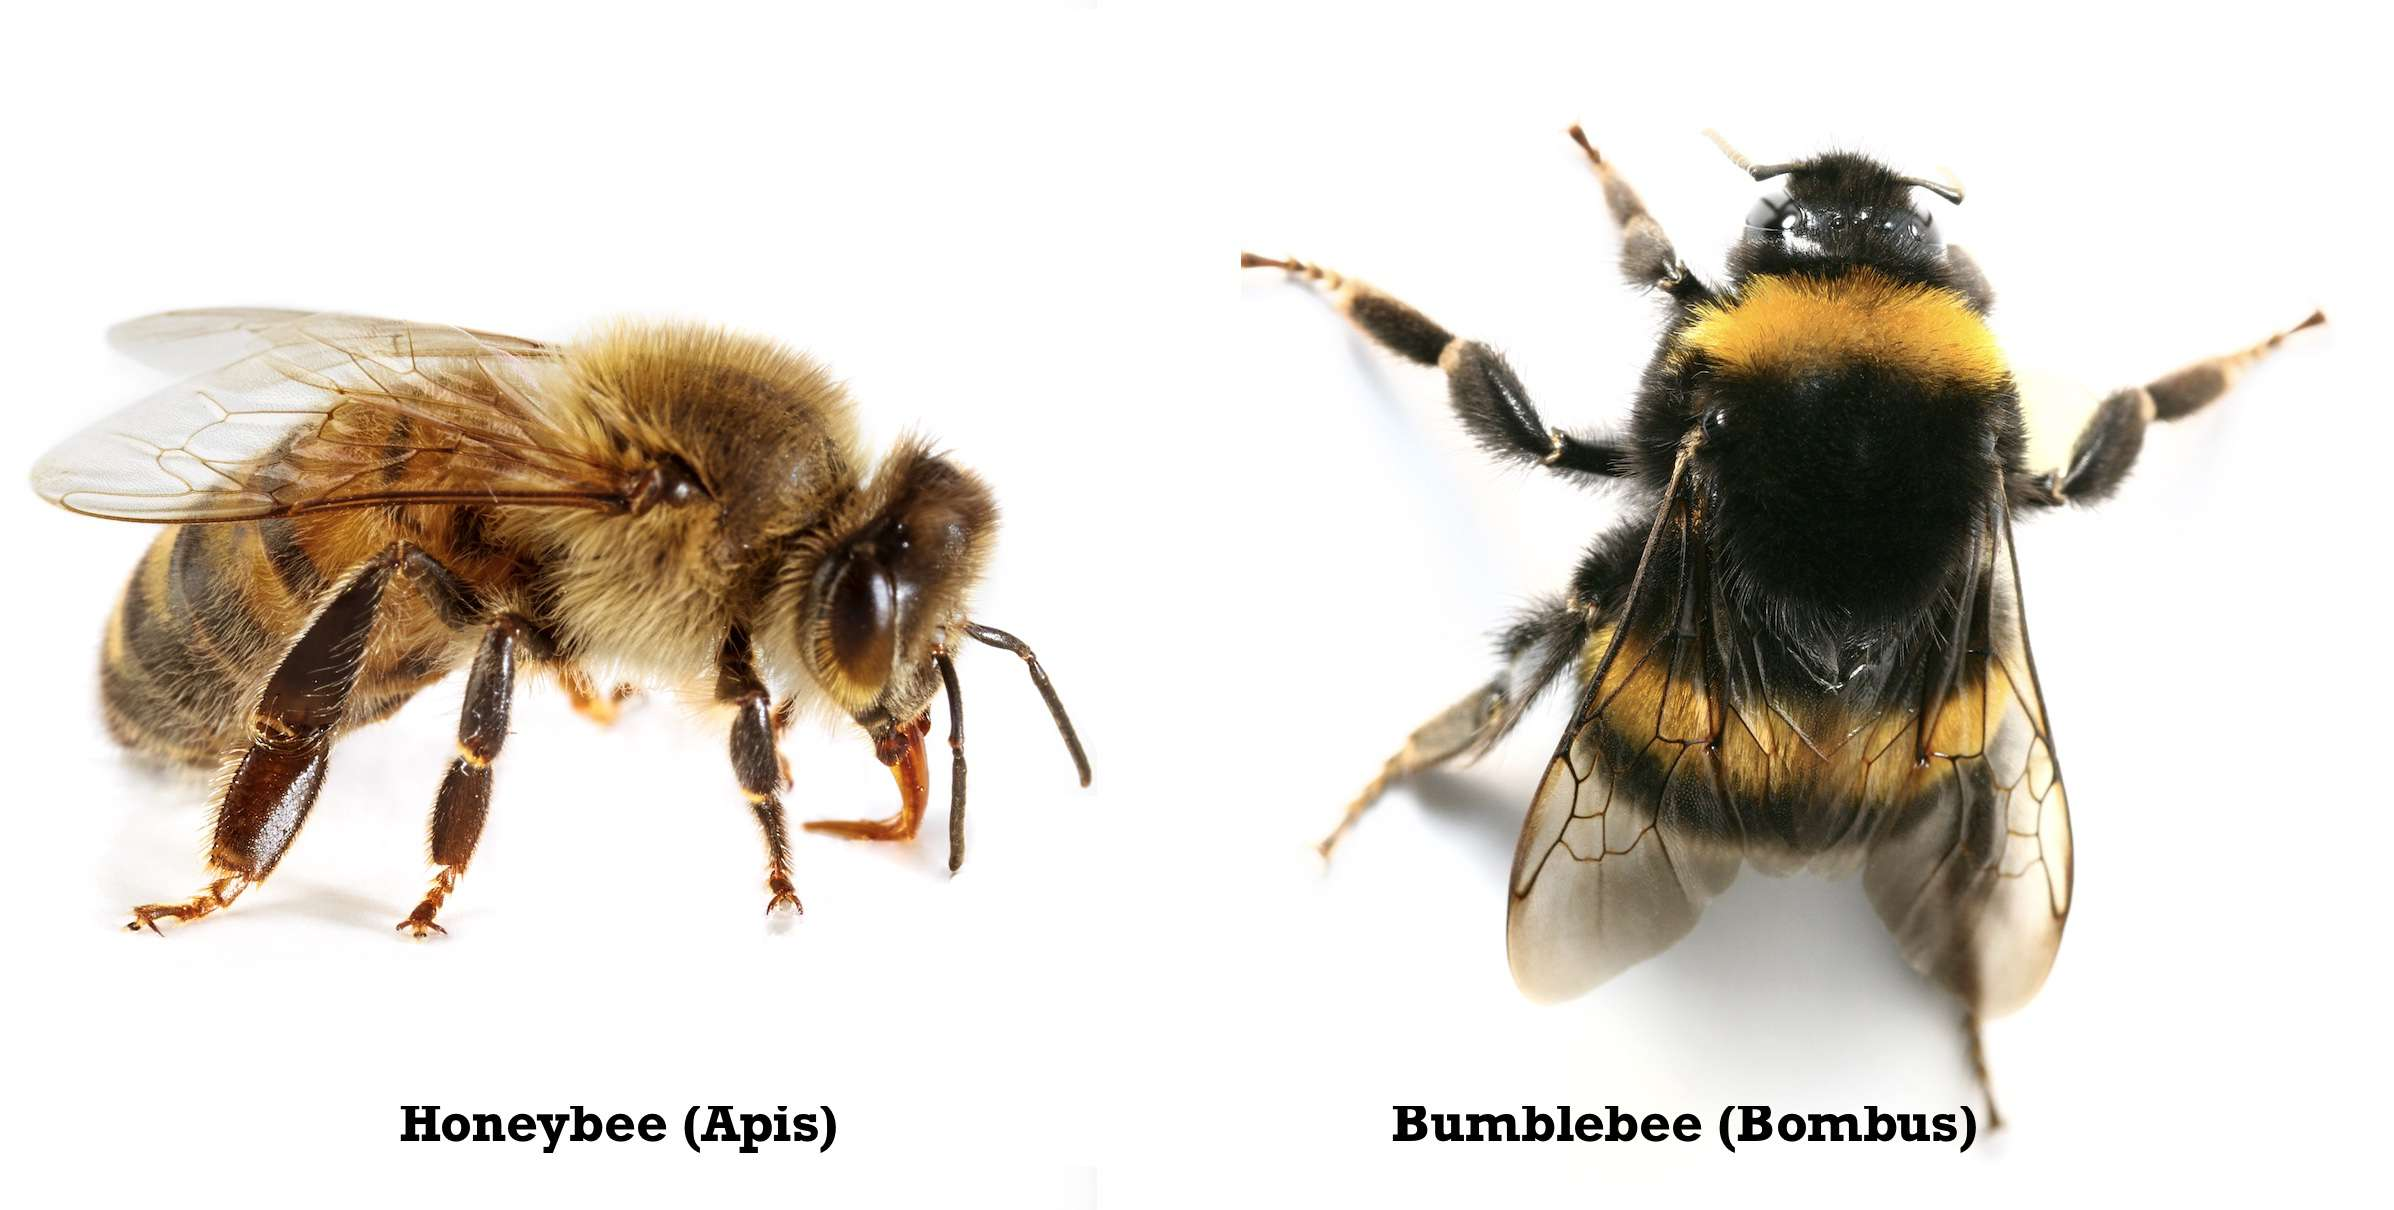 honeybee vs bumblebee